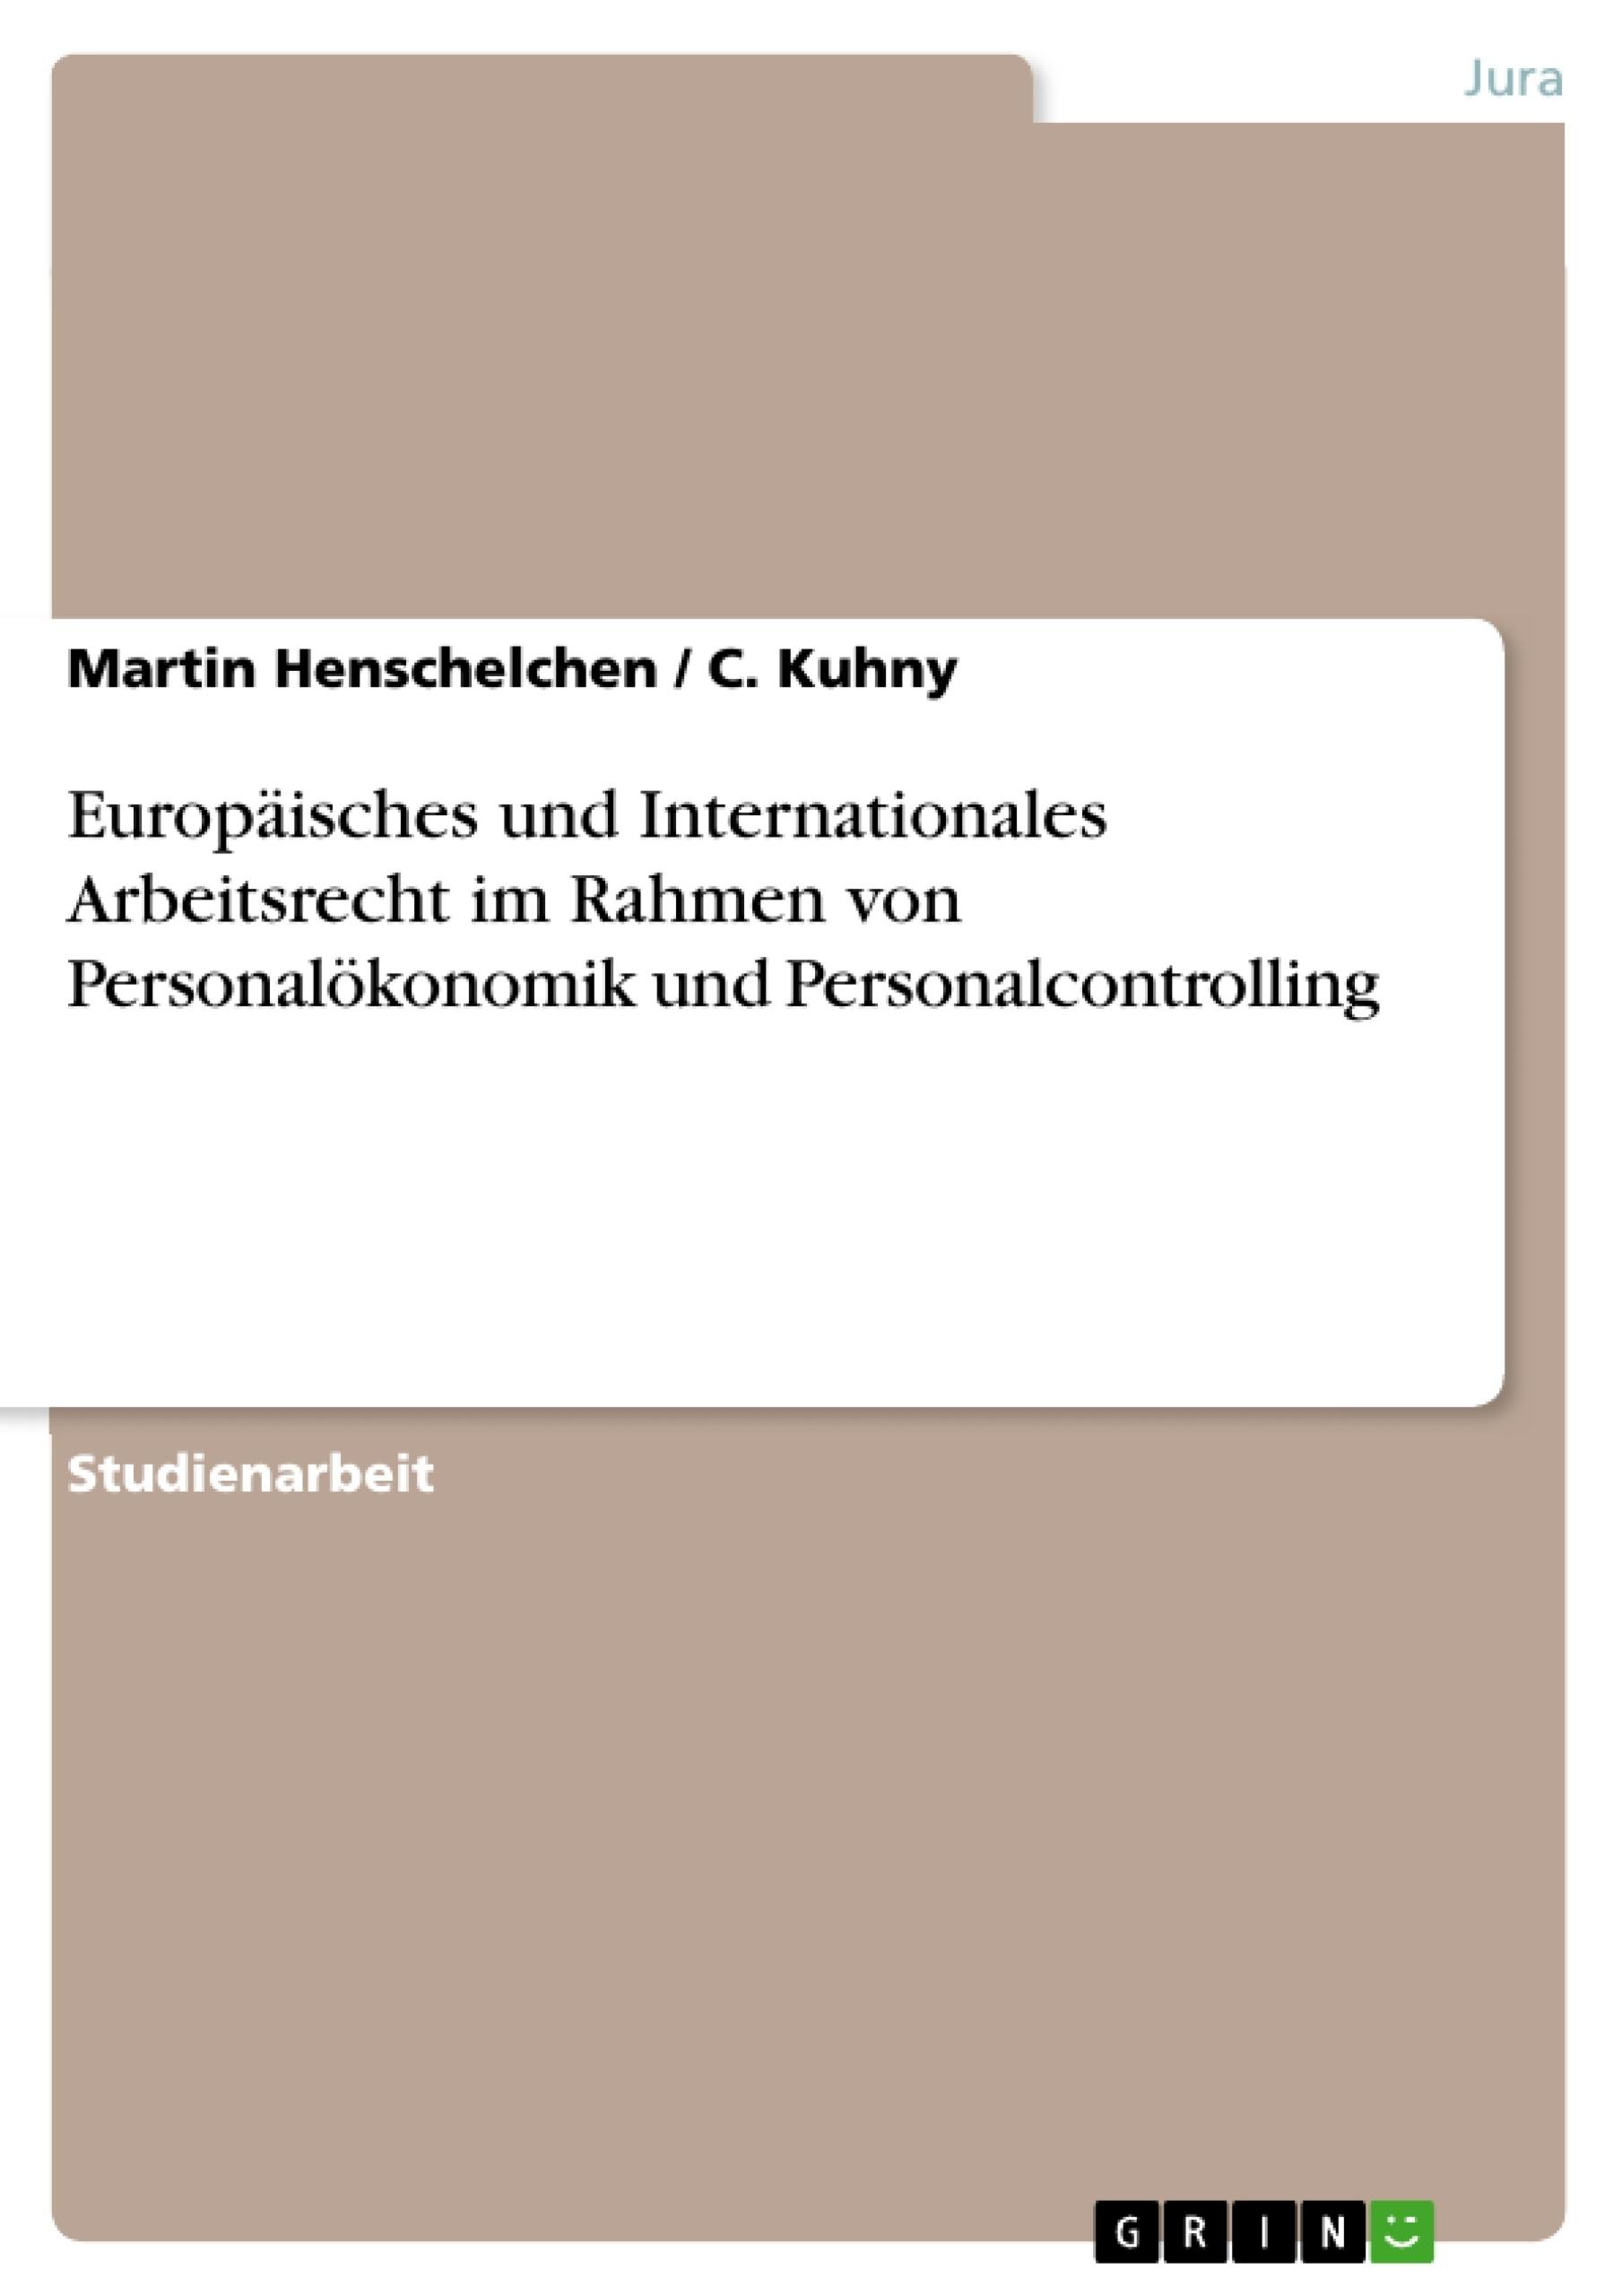 Titel: Europäisches und Internationales Arbeitsrecht im Rahmen von Personalökonomik und Personalcontrolling